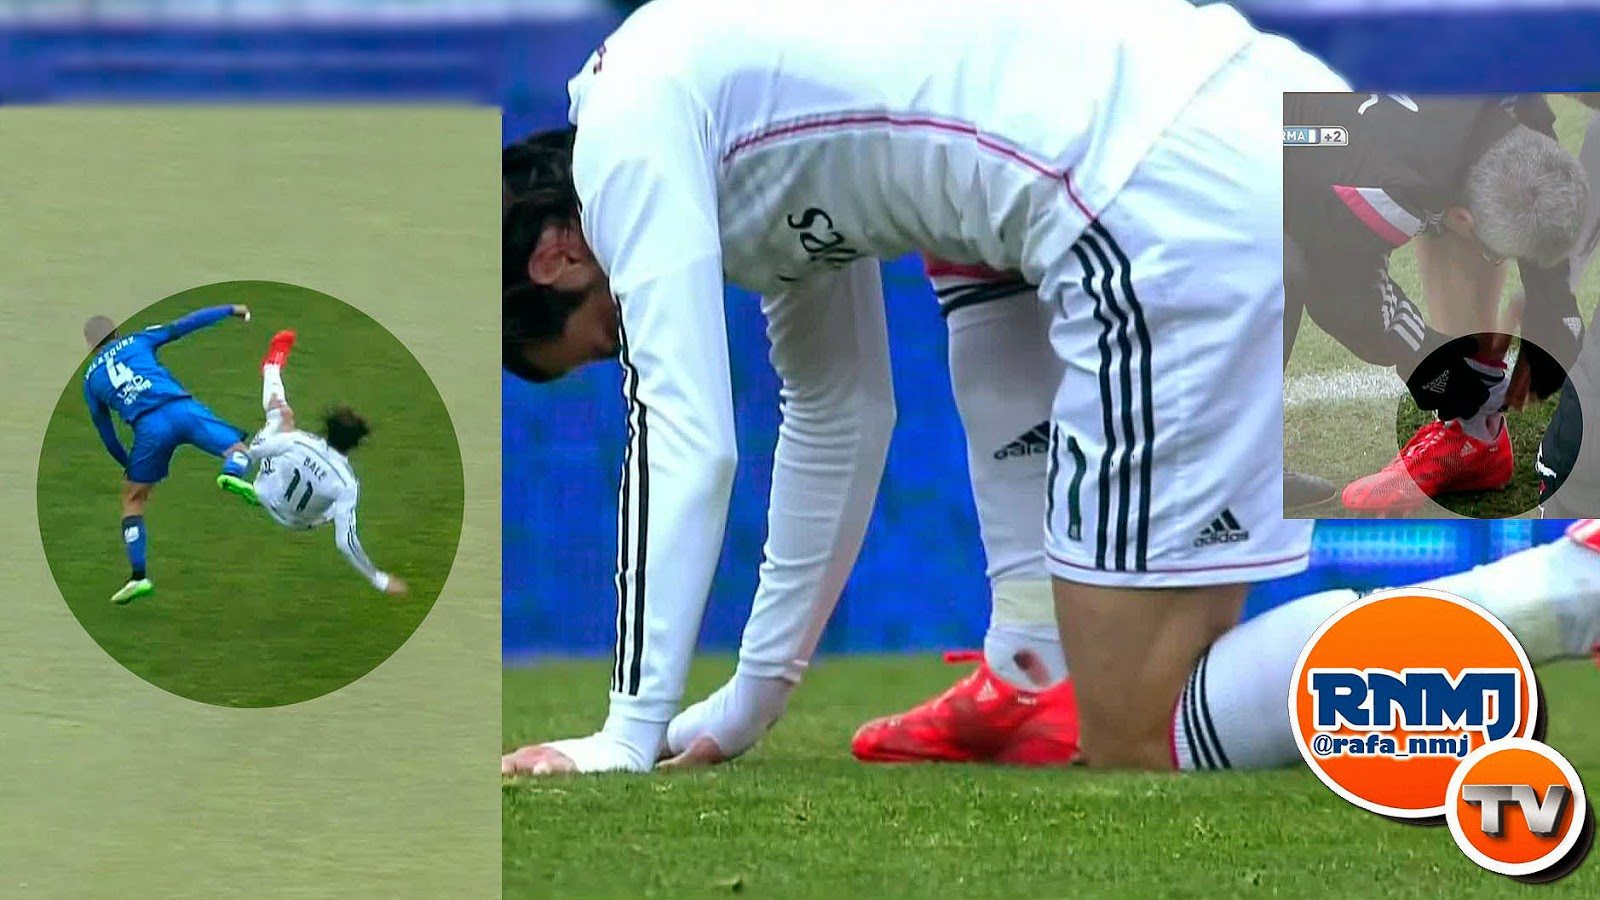 Tobillo de Gareth Bale ensangrentado tras la patada de Velázquez del Getafe